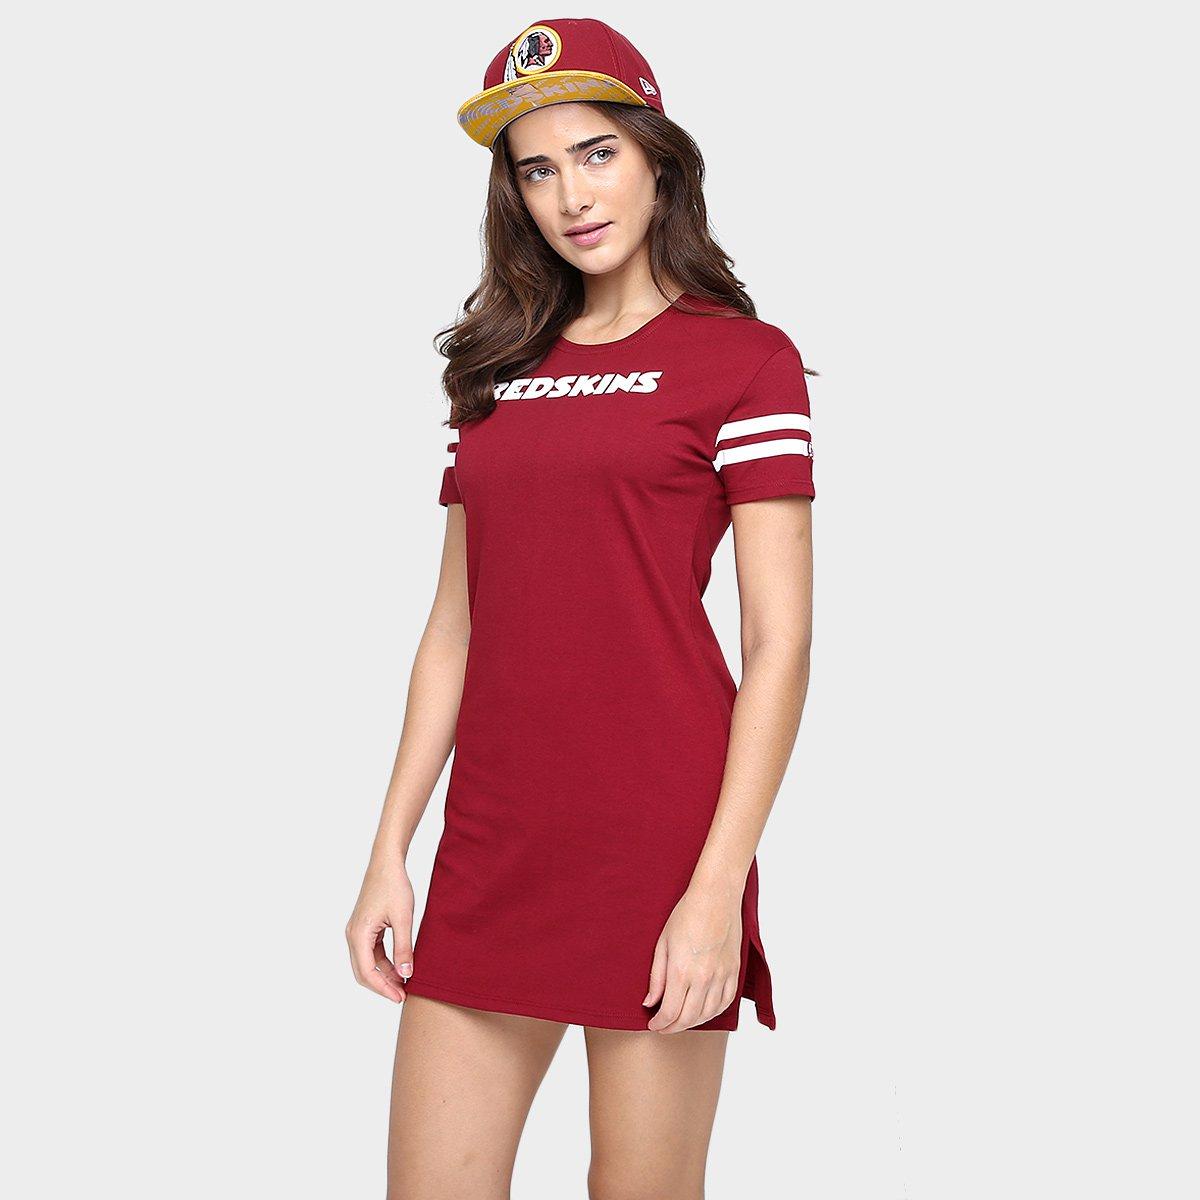 Vestido New Era Nfl Listras Washington Redskins Vermelho